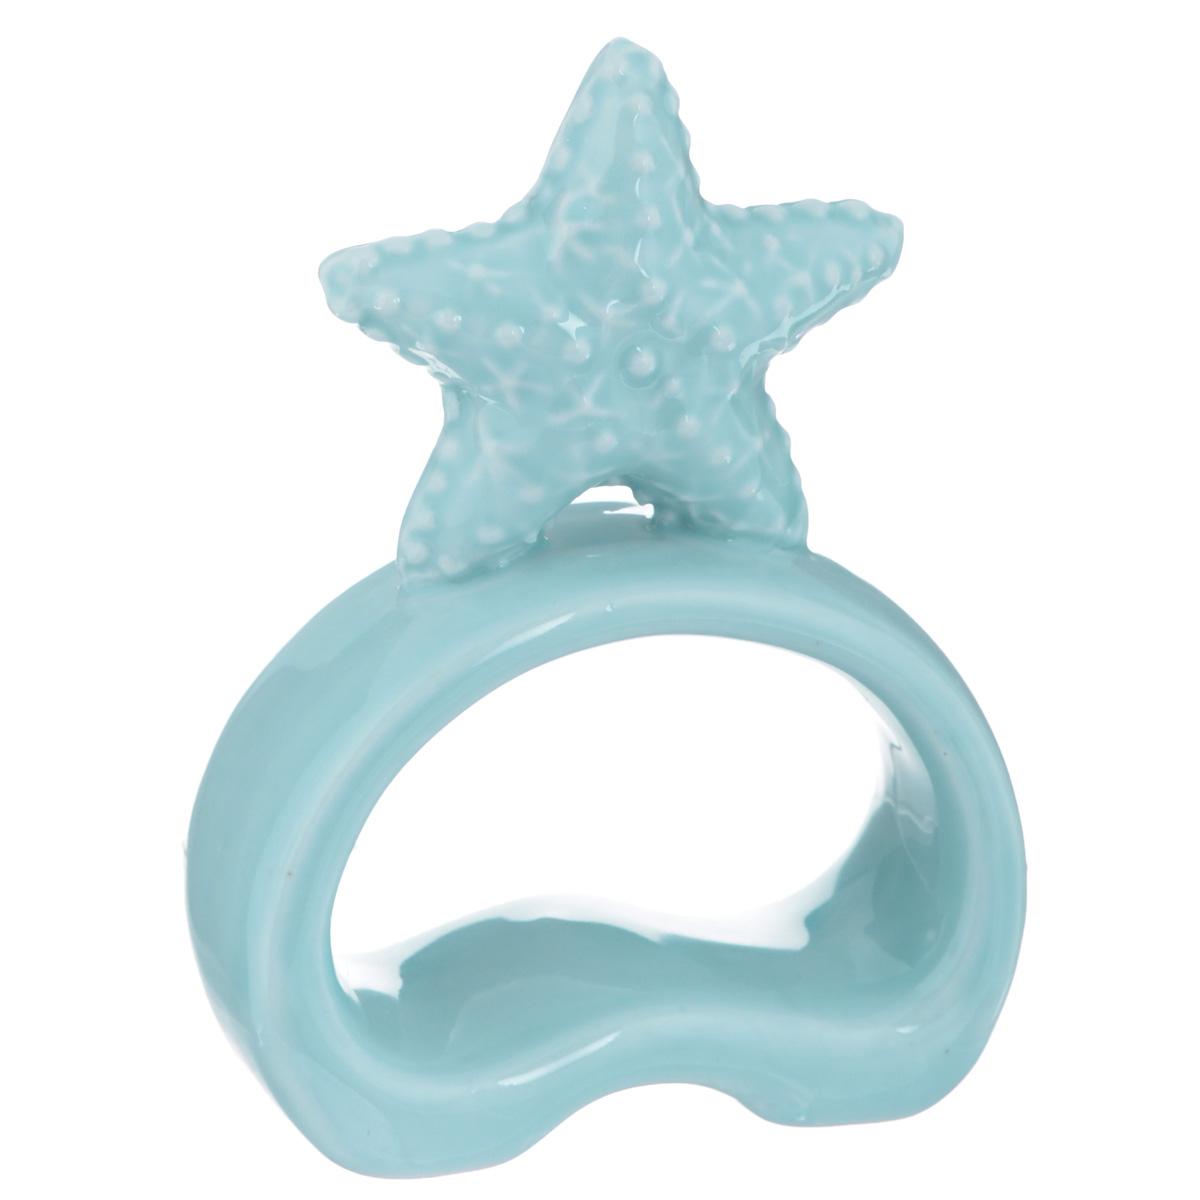 Фигурка декоративная Морская звезда, цвет: голубой, высота 10 см. 36768B34Декоративная фигурка Морская звезда изготовлена из высококачественного фаянса. Такая фигурка подойдет для декора интерьера дома или офиса.Вы можете поставить фигурку в любом месте, где она будет удачно смотреться и радовать глаз. Декоративная фигурка Морская звезда - это отличный вариант подарка для ваших близких и друзей. Размер фигурки: 7 см х 3 см х 10 см.